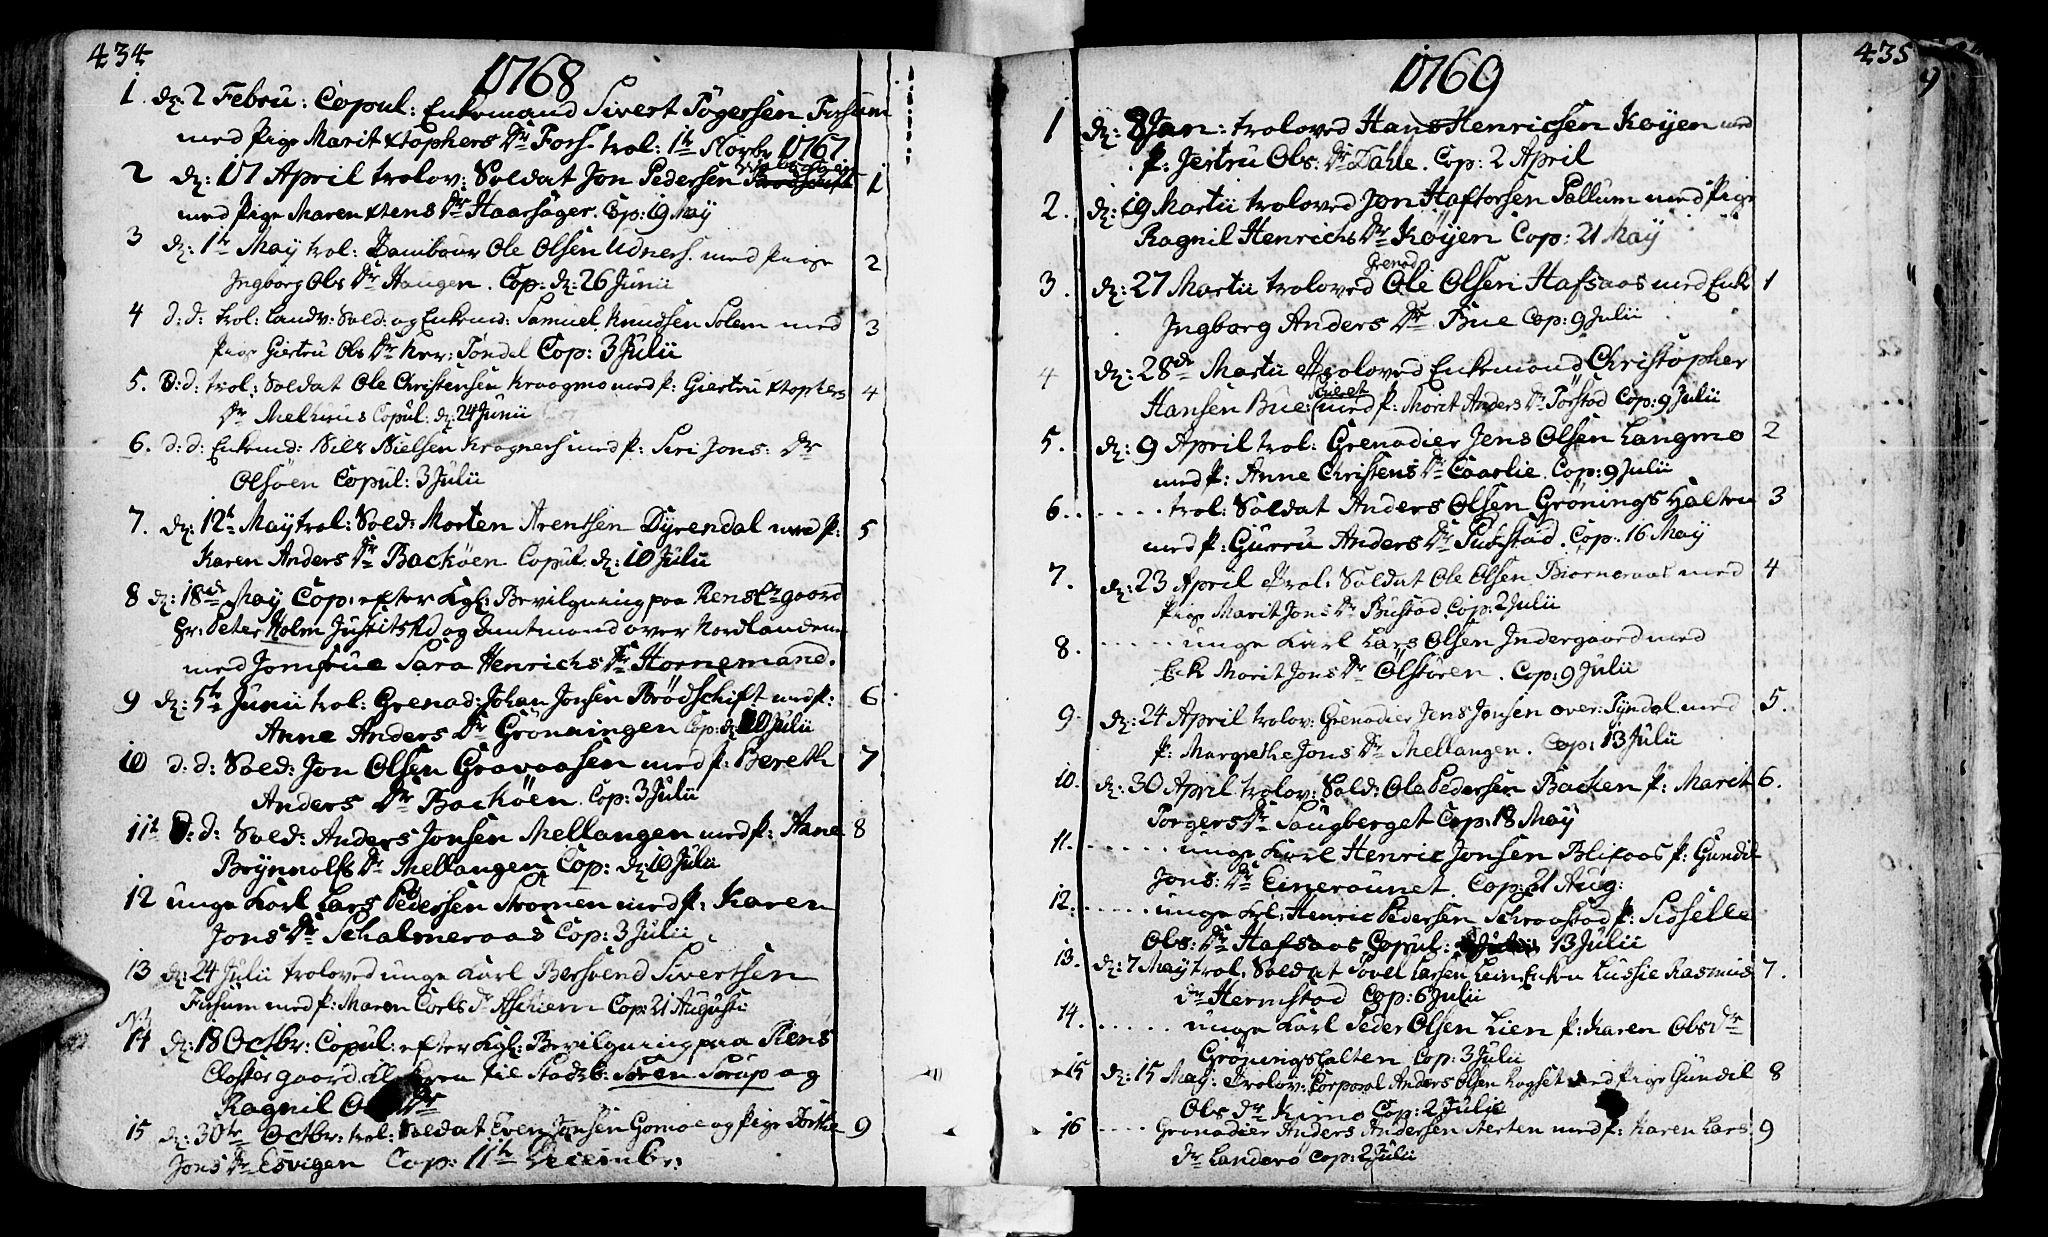 SAT, Ministerialprotokoller, klokkerbøker og fødselsregistre - Sør-Trøndelag, 646/L0605: Ministerialbok nr. 646A03, 1751-1790, s. 434-435